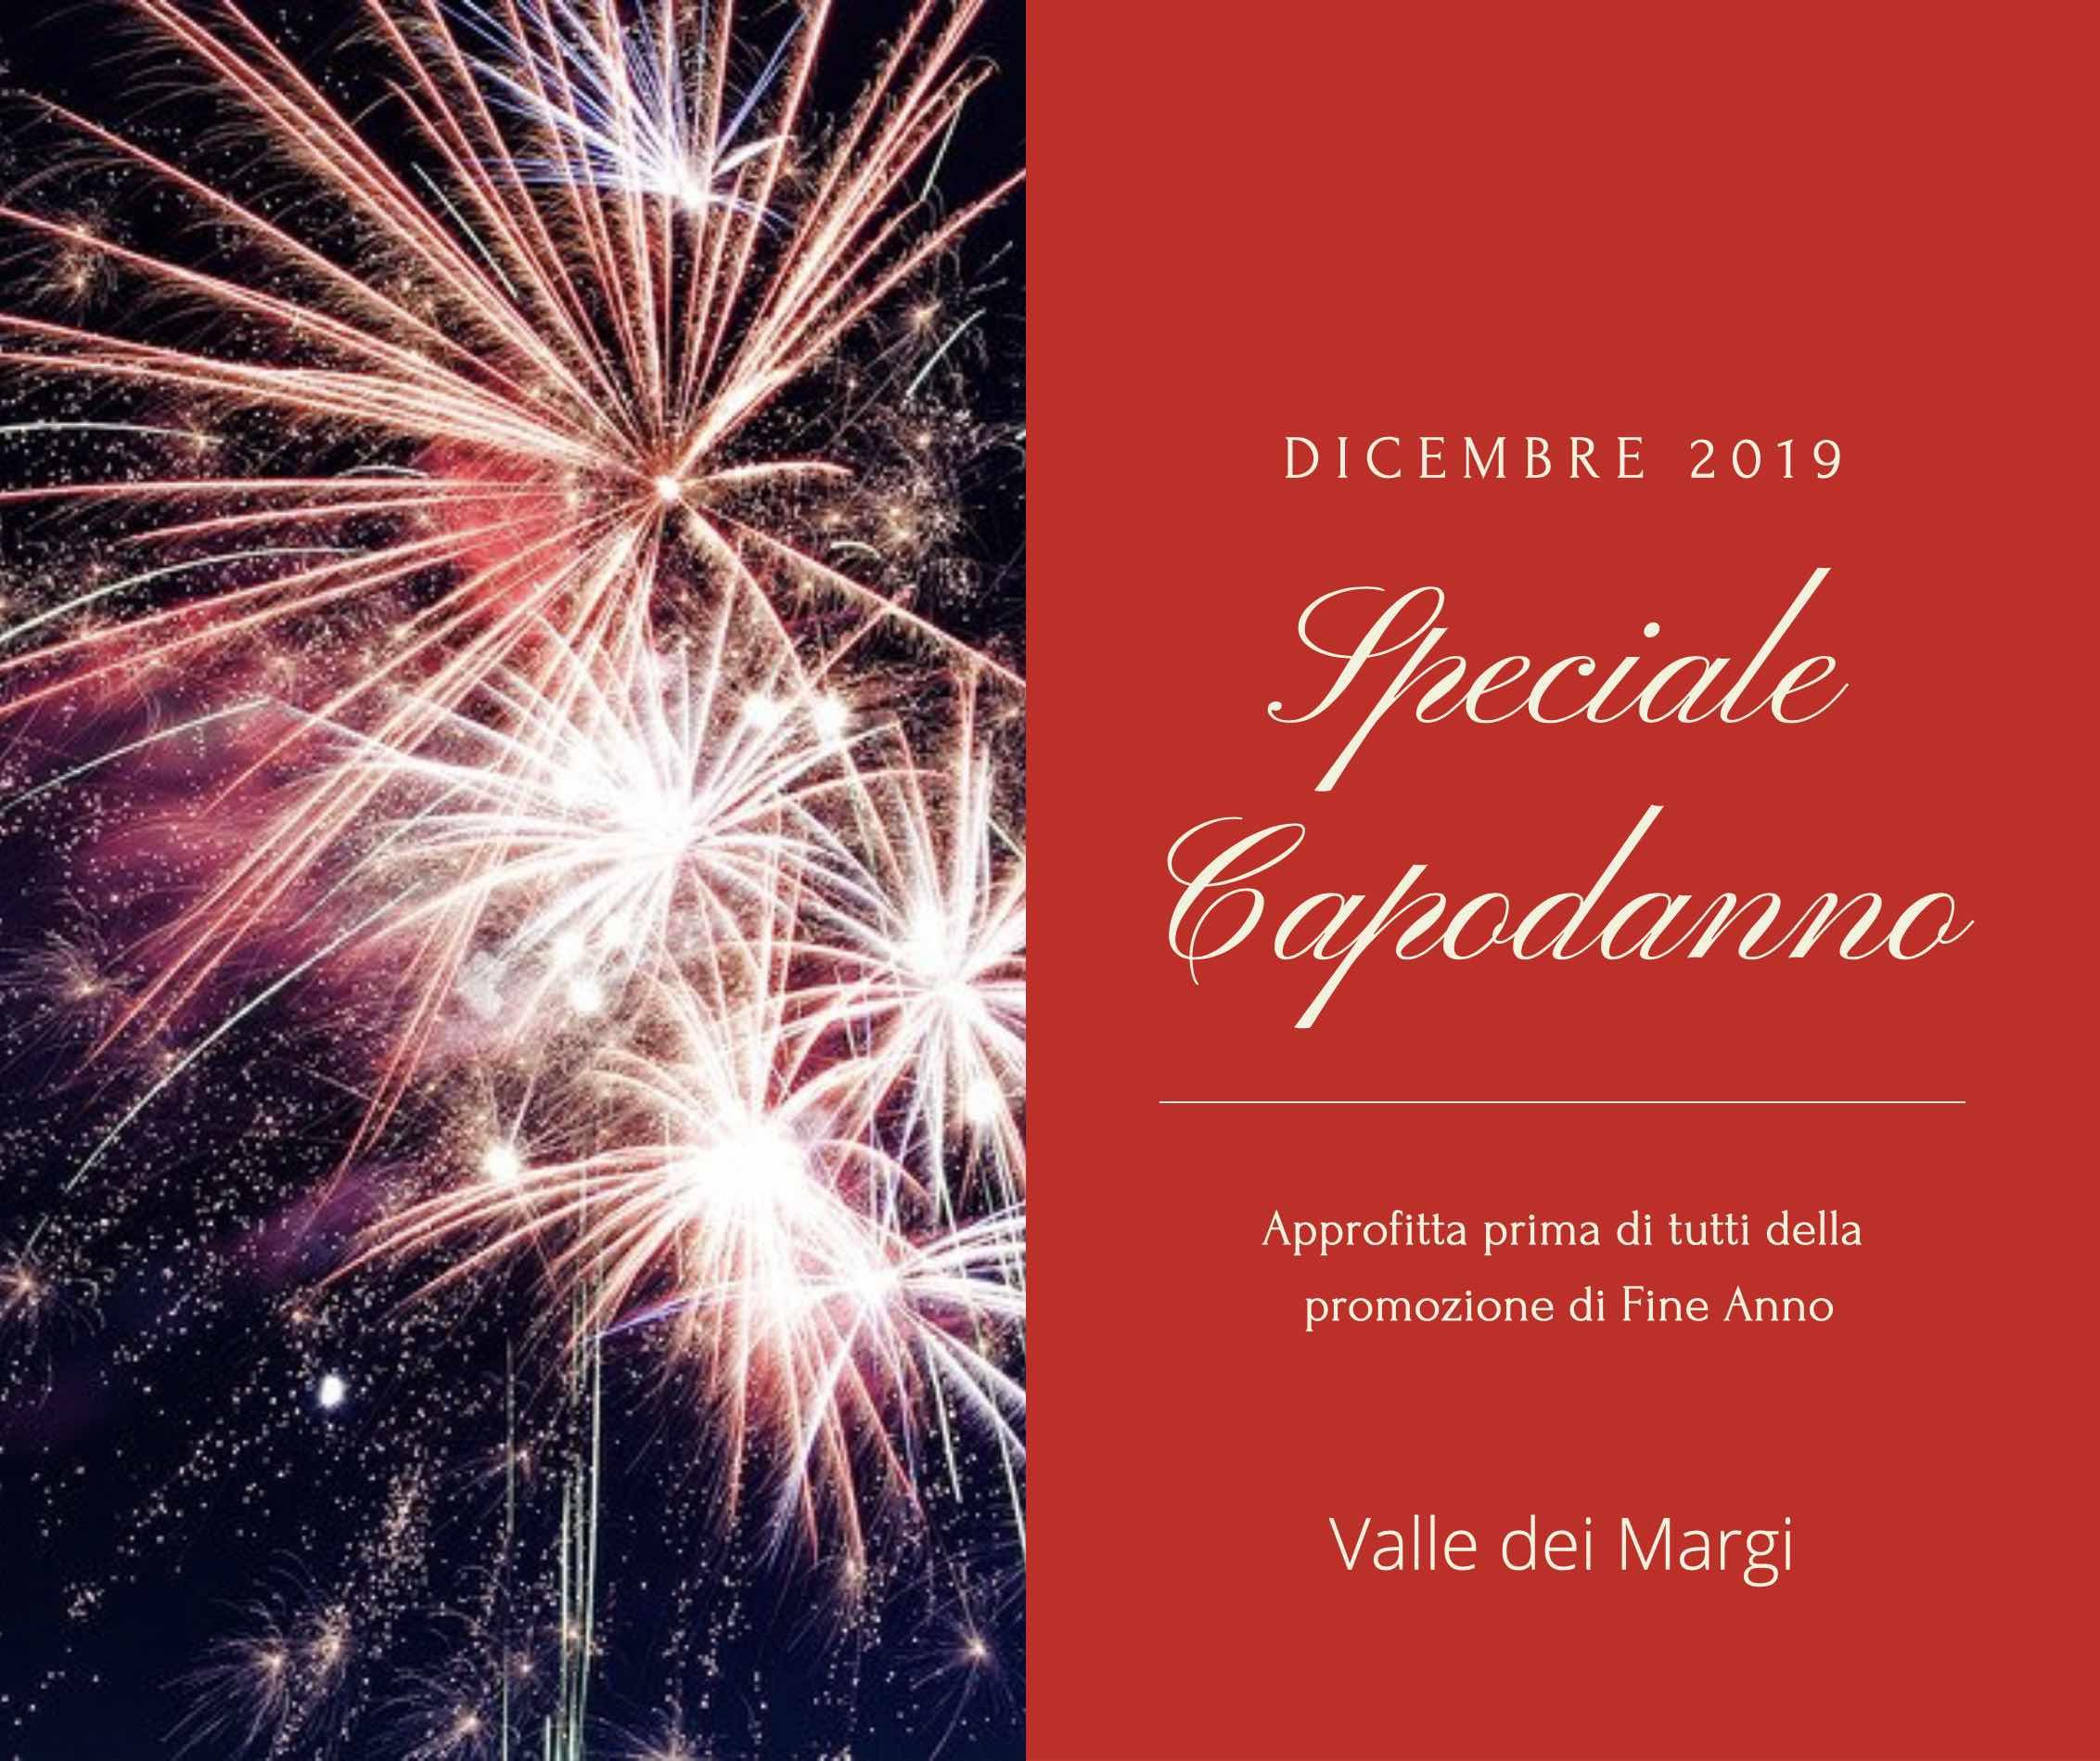 Speciale capodanno